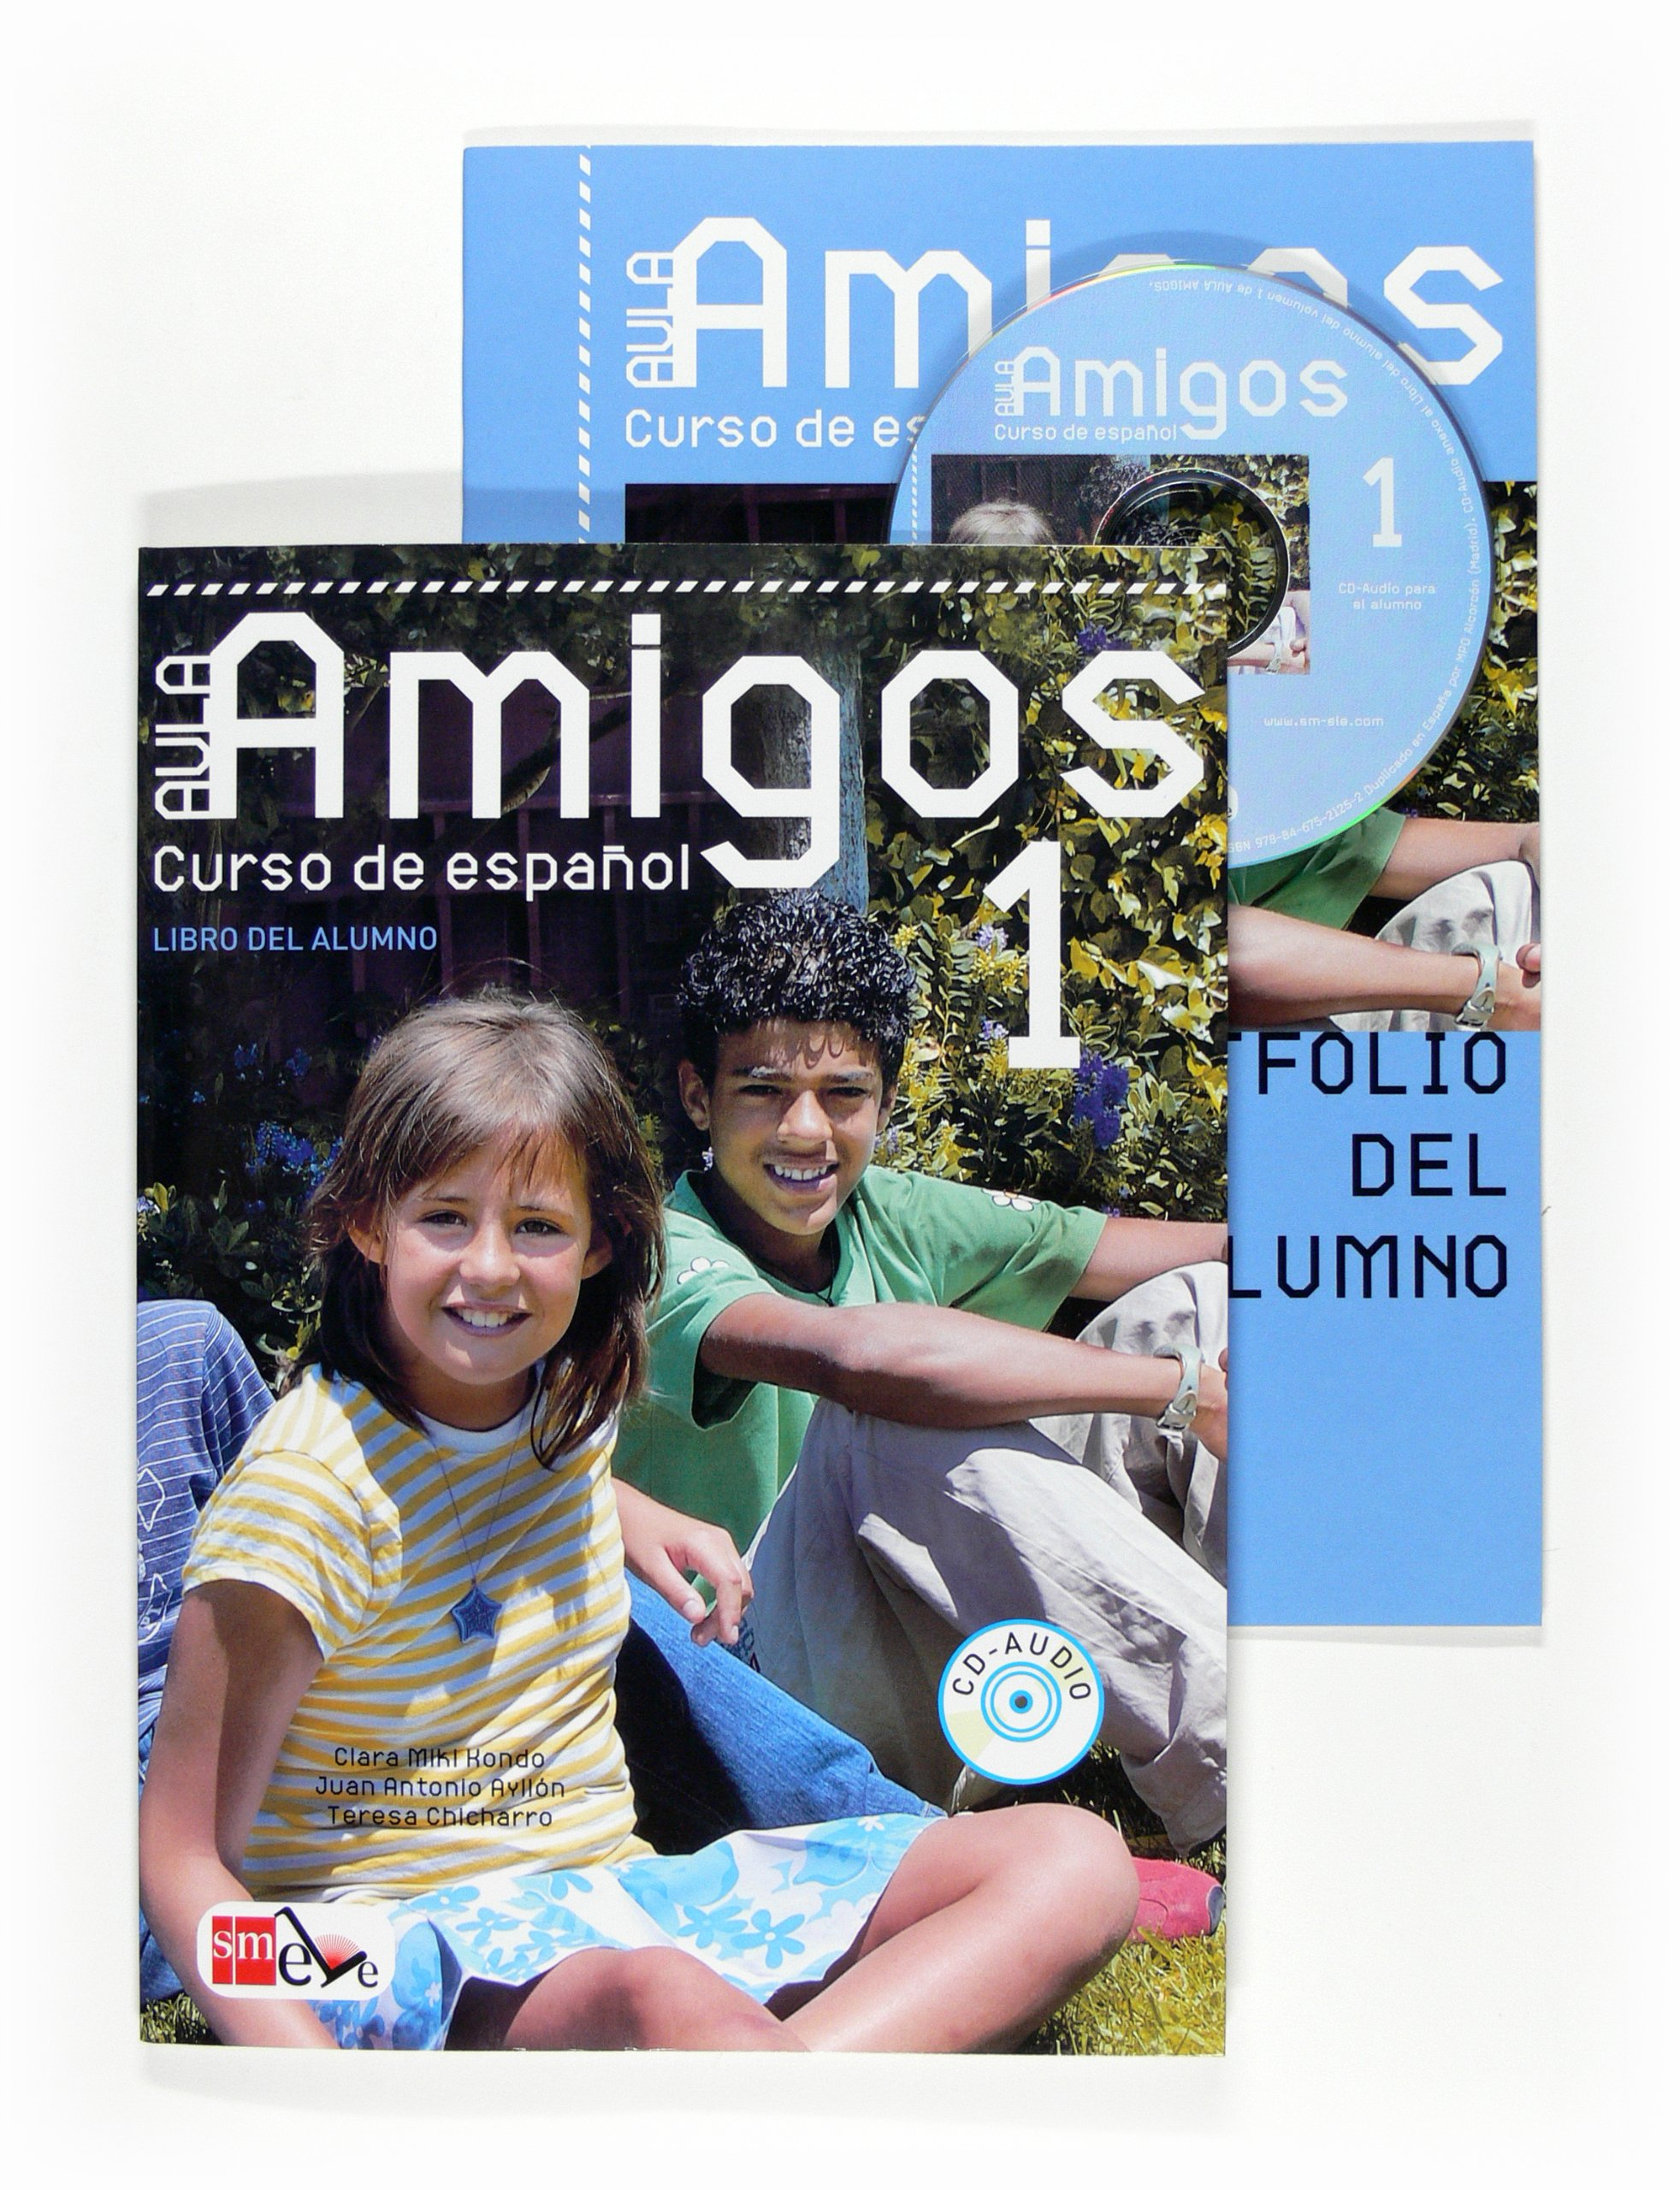 Aula Amigos Internacional: Pack del alumno: libro + portfolio (+ CD) nuevo suena 1 libro del alumno